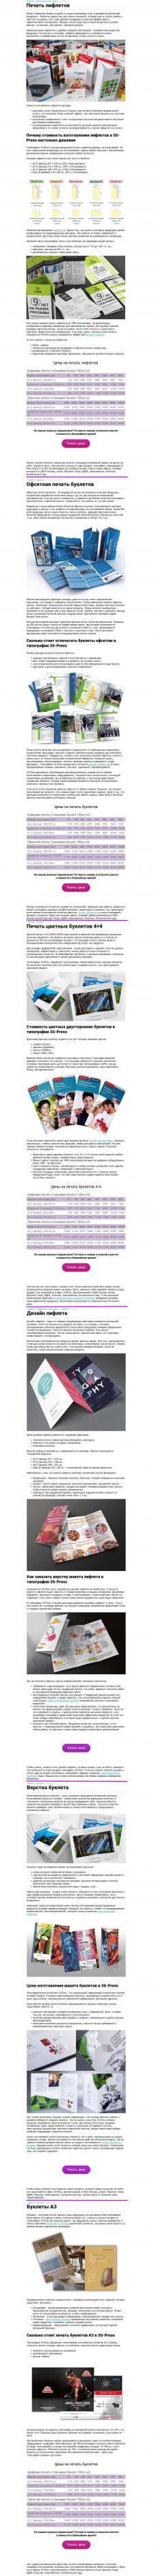 ПОЛИГРАФИЯ/РЕКЛАМА | Типография 3S-PRESS